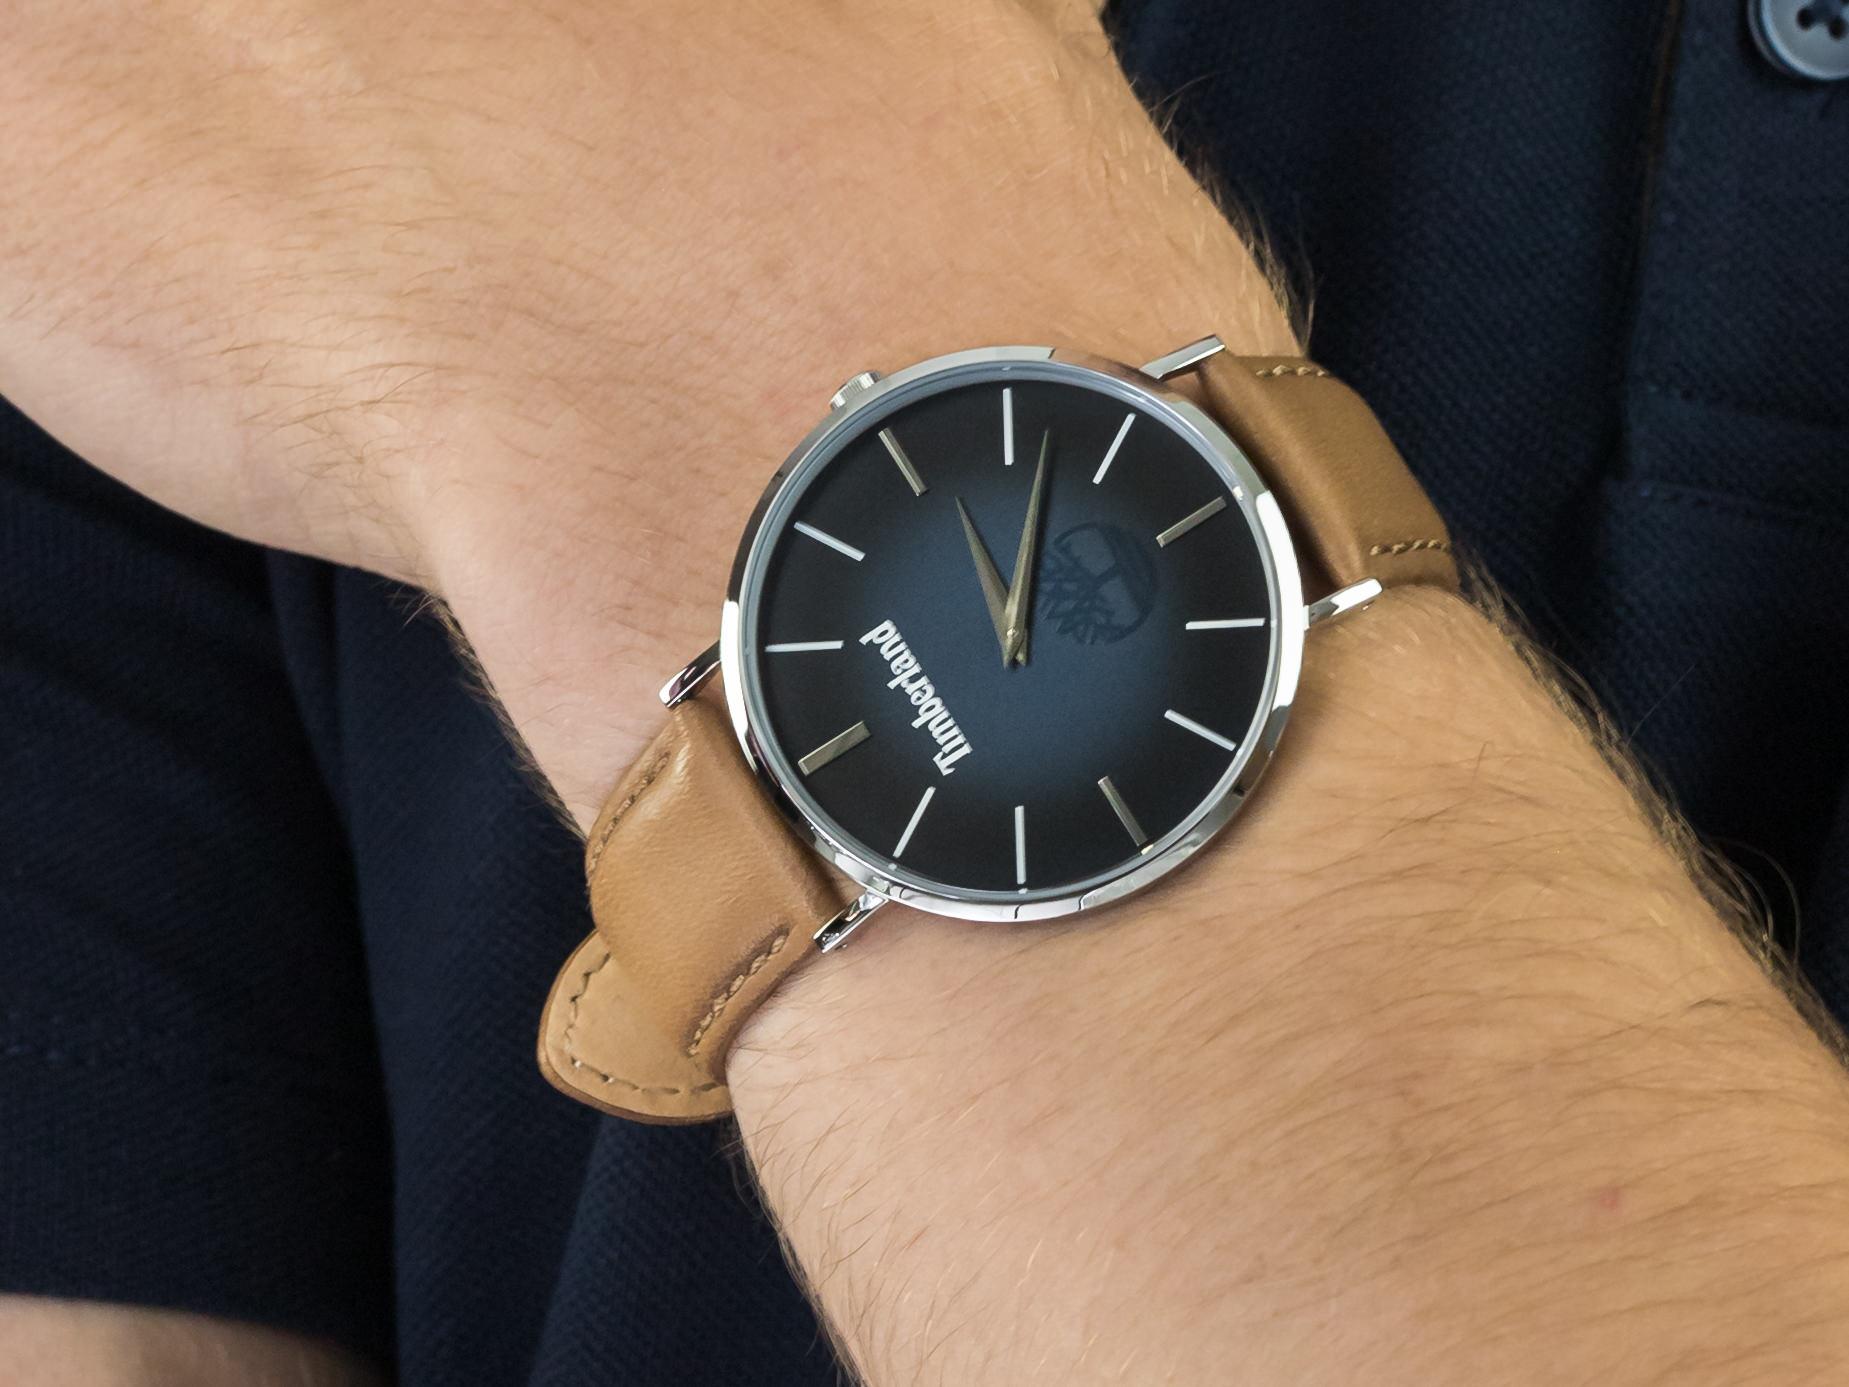 Timberland TBL.15514JS-03 RANGELEY zegarek klasyczny Rangeley